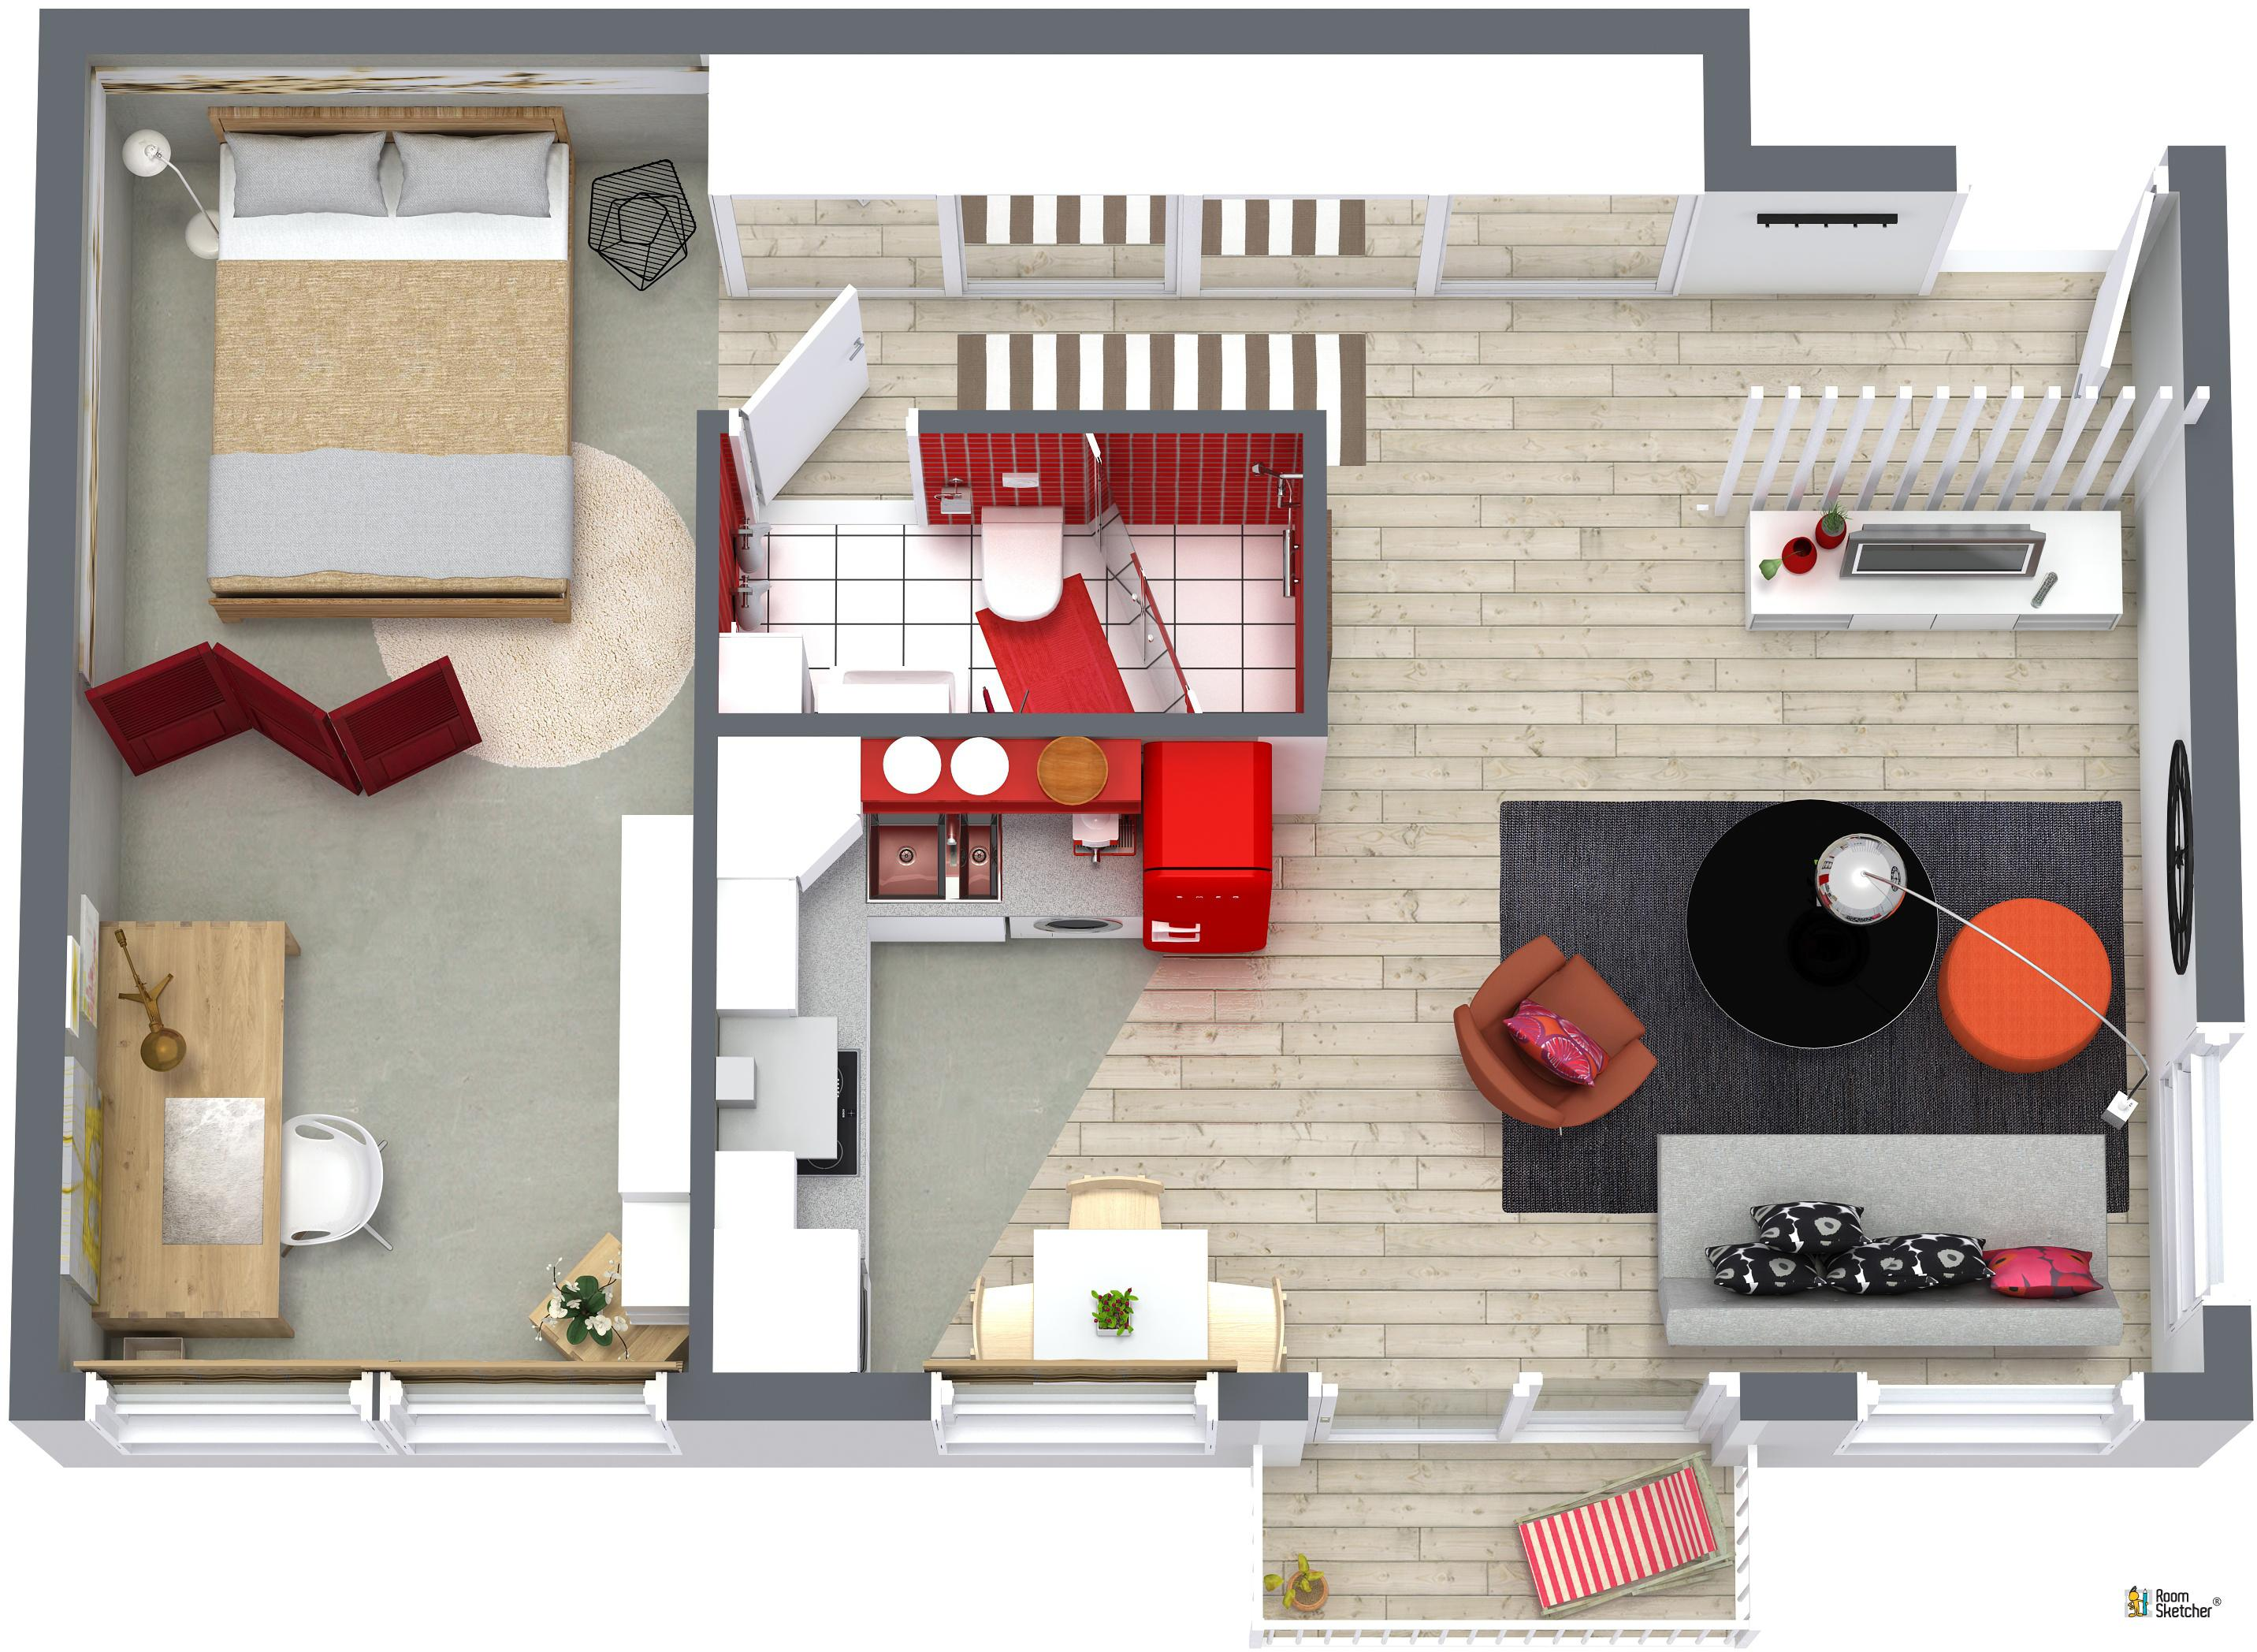 RoomSketcher Wohnidee: Kleine Wohnung Einrichten   3D Grundriss #grundriss  #kleinerraum #kleinewohnungeinrichten ©